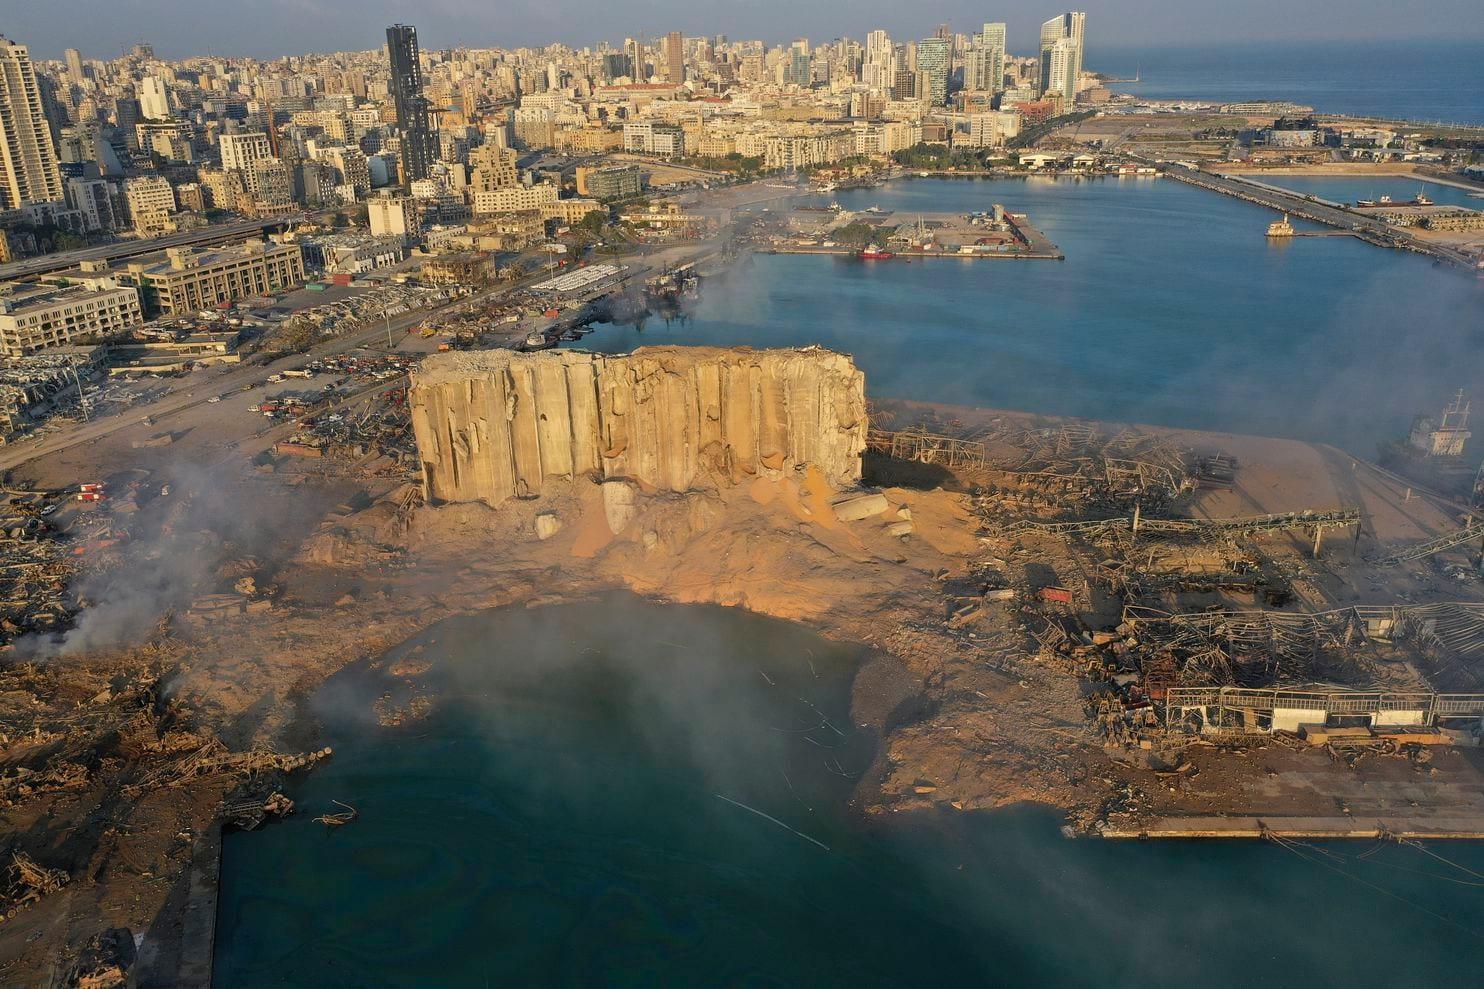 صور القمر الصناعي تظهر حجم الدمار في بيروت بعد الإنفجار